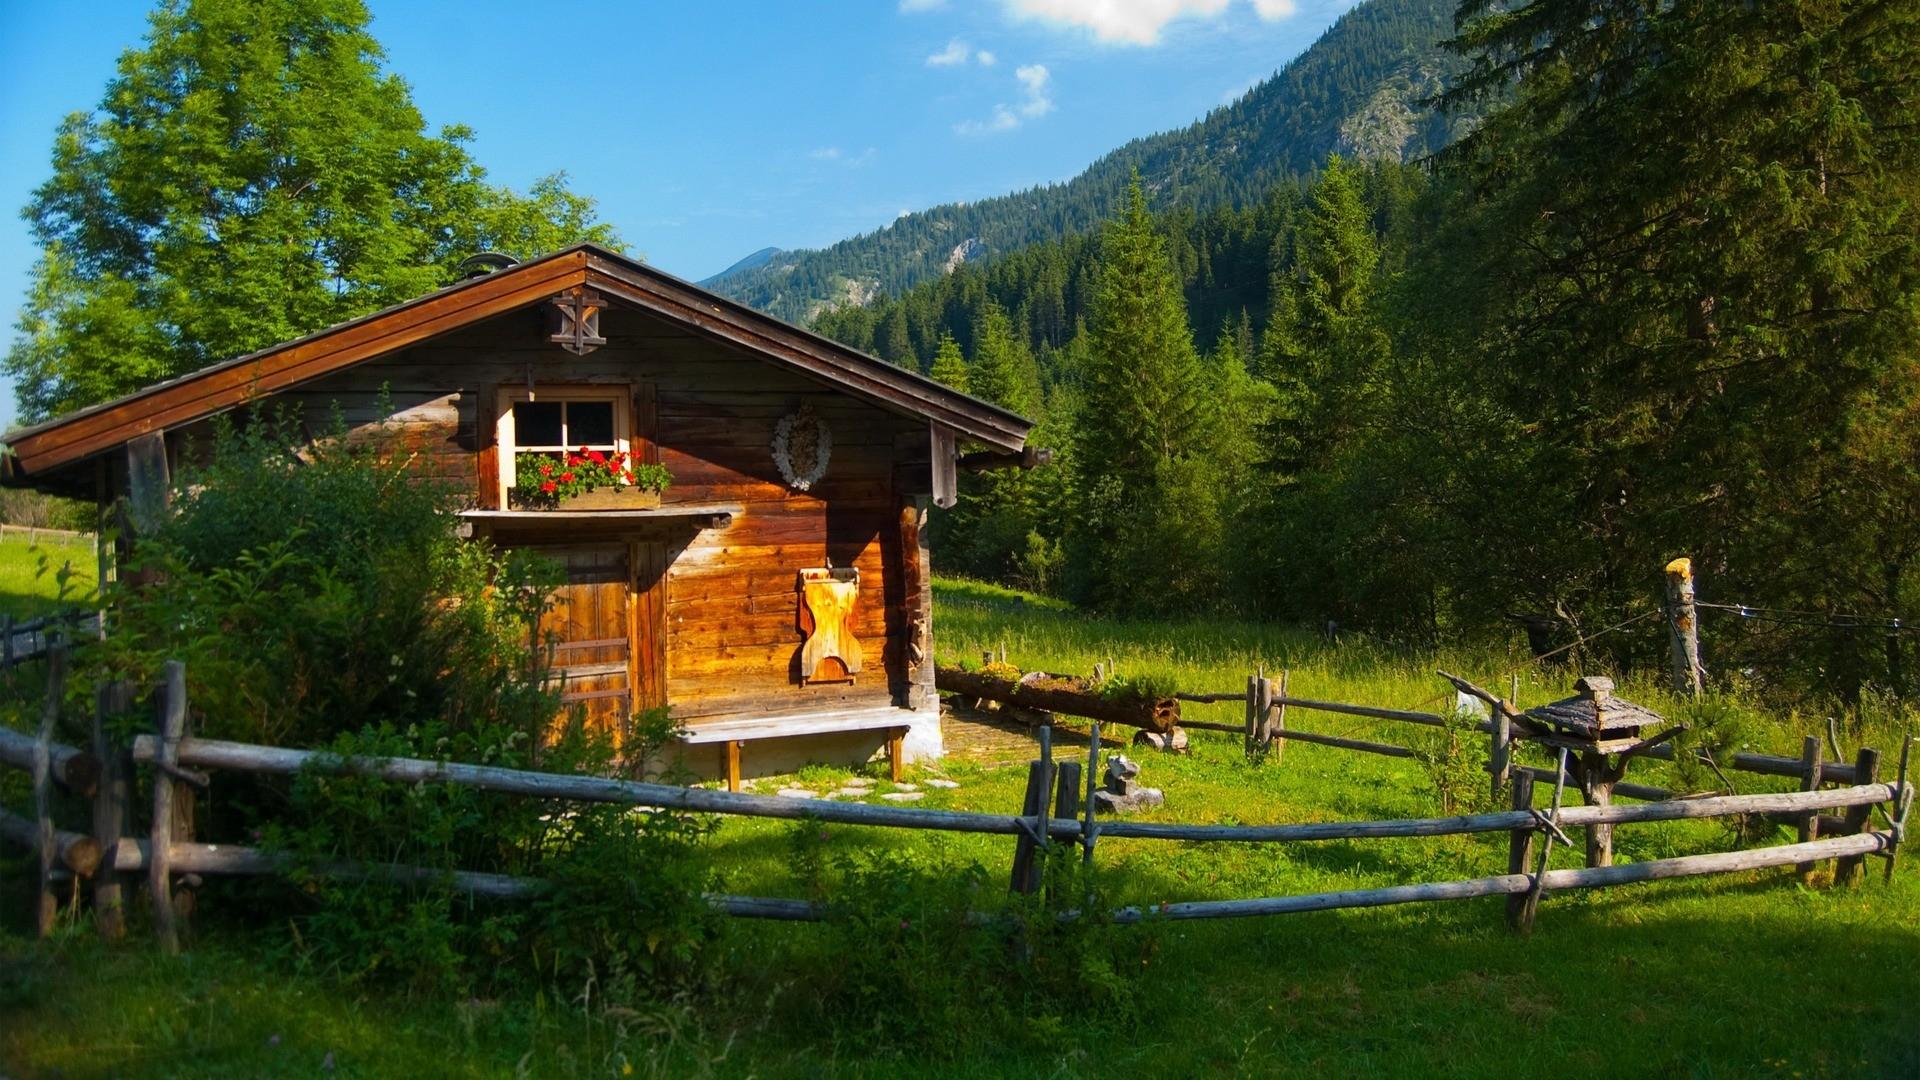 cabin in the mountains HD Desktop Wallpaper HD Desktop Wallpaper 1920x1080